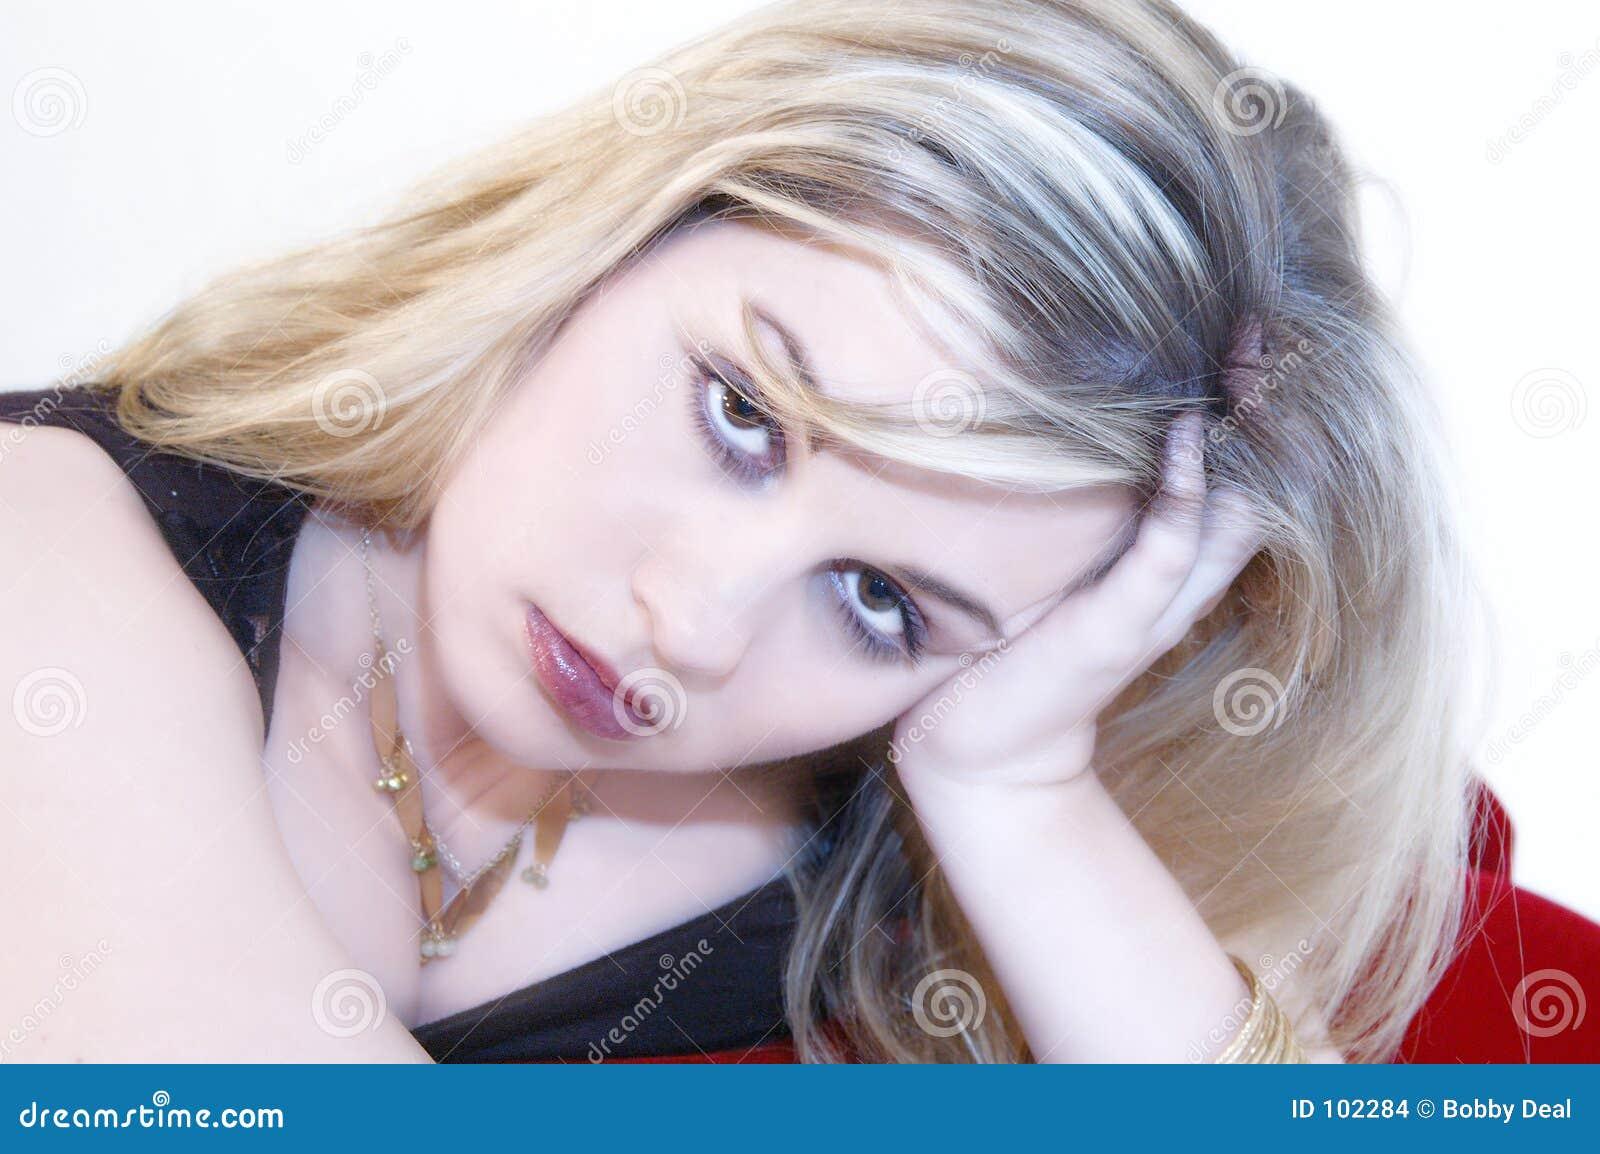 Blonde Pouty